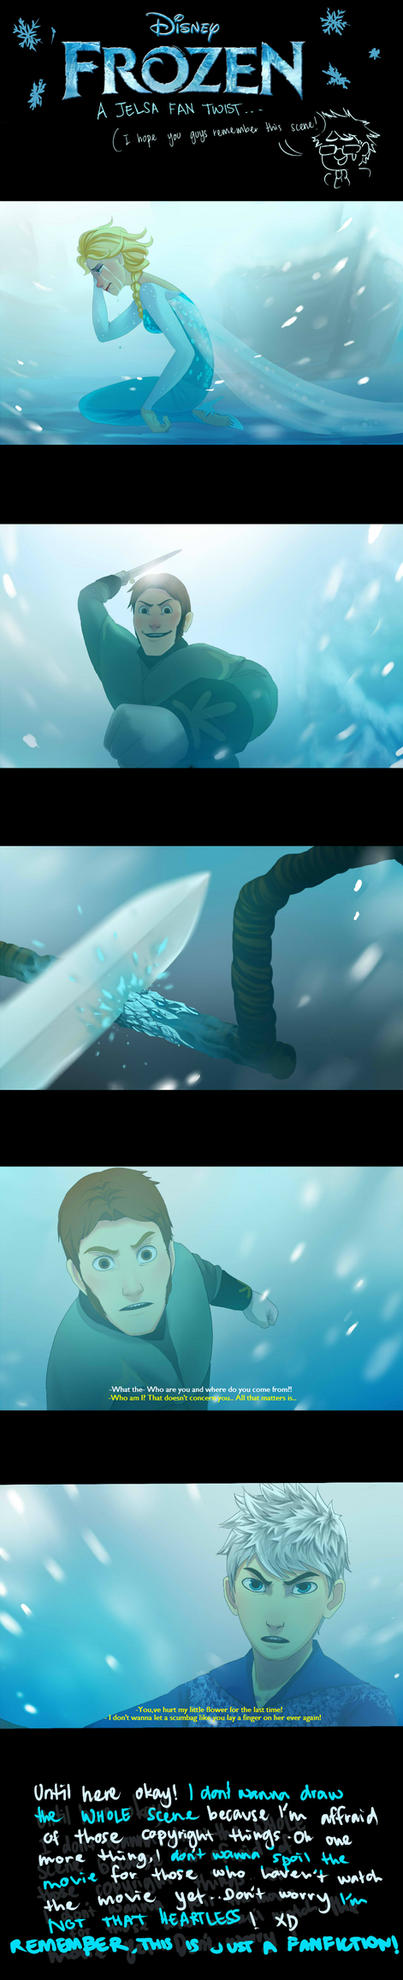 Frozen (jelsa fan plot twist!) by ziqman